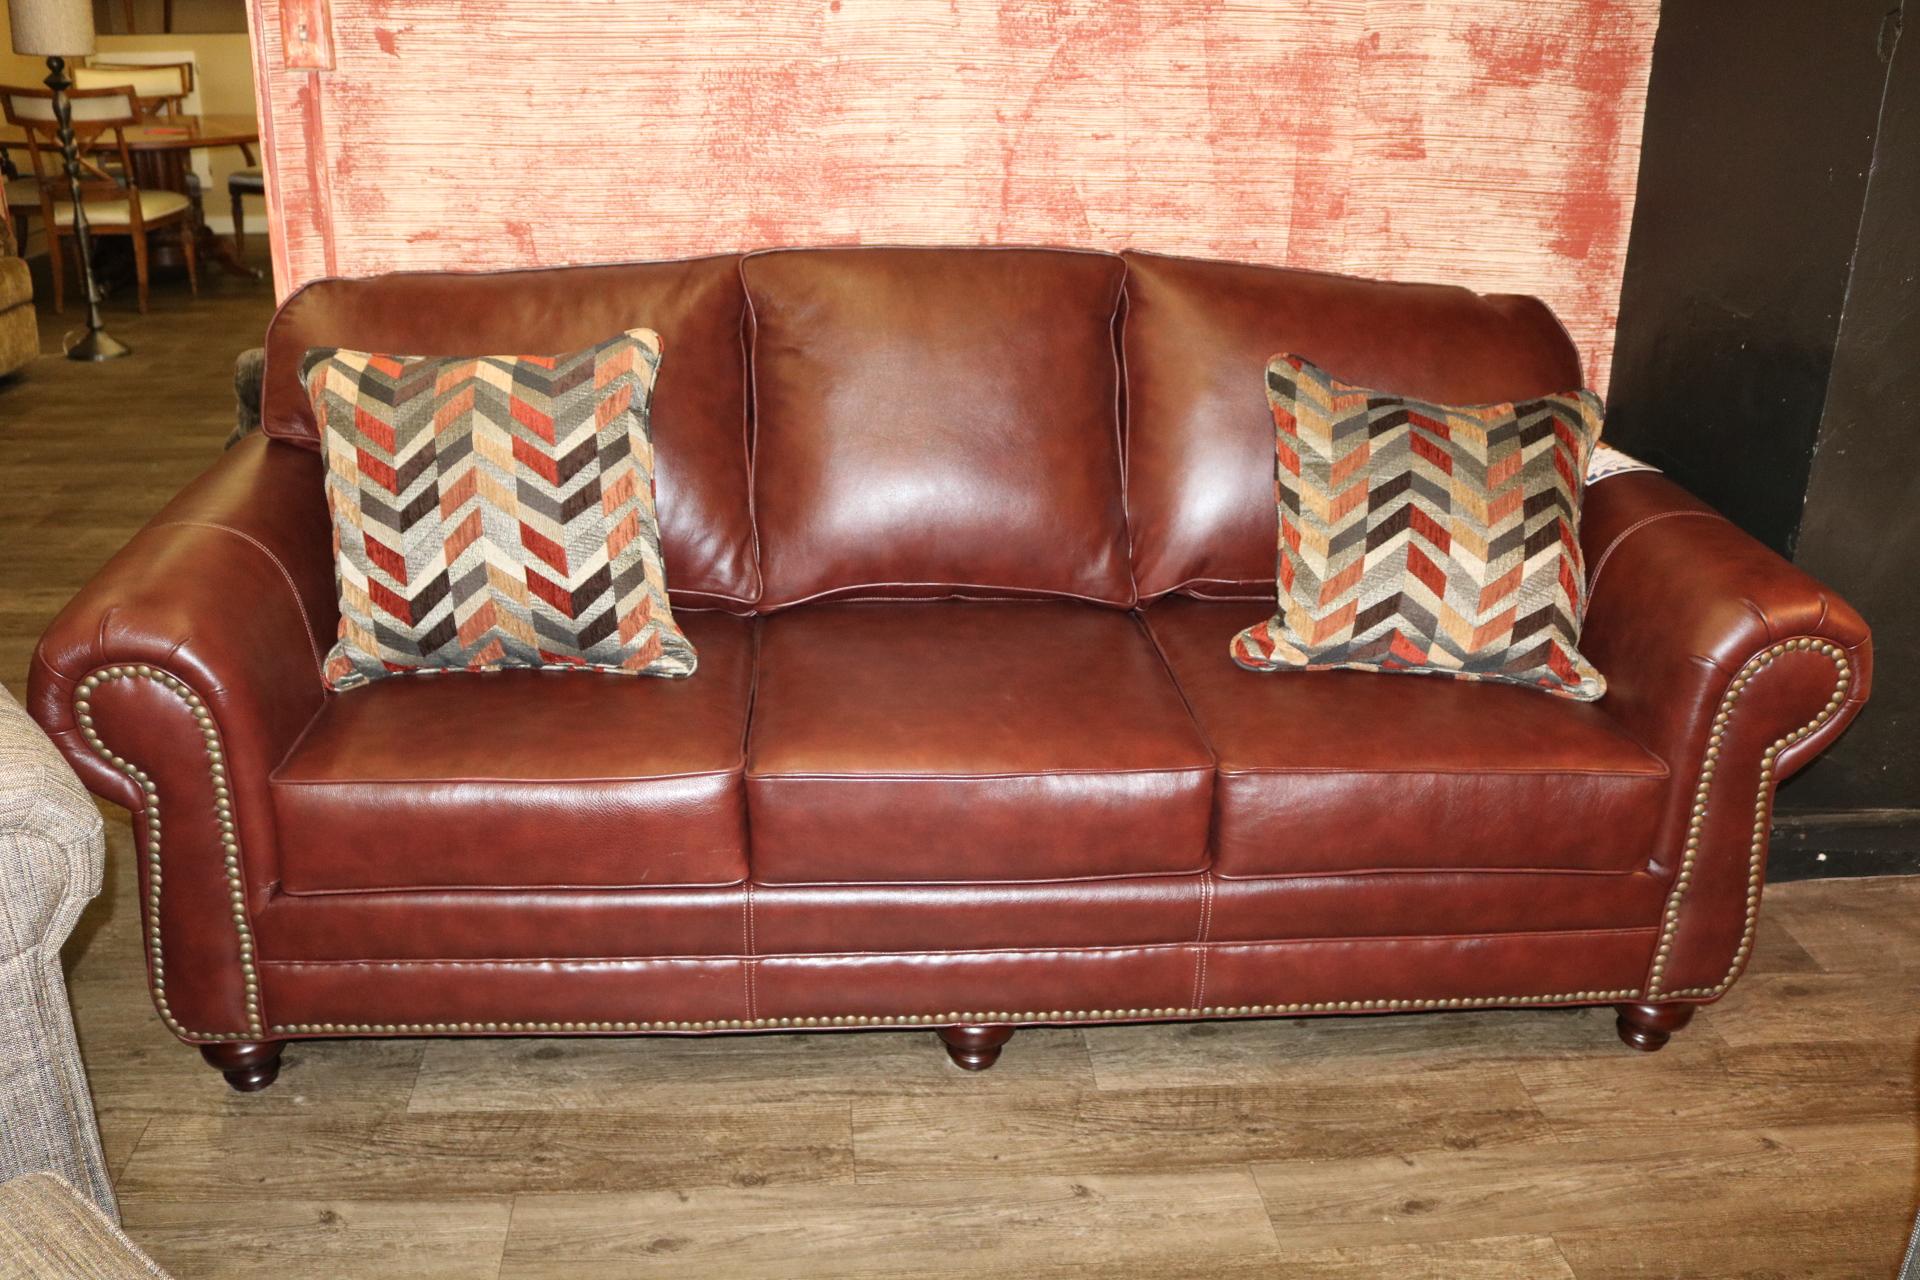 Harvest Furniture In Waldo Ohio 43356 740 726 2002